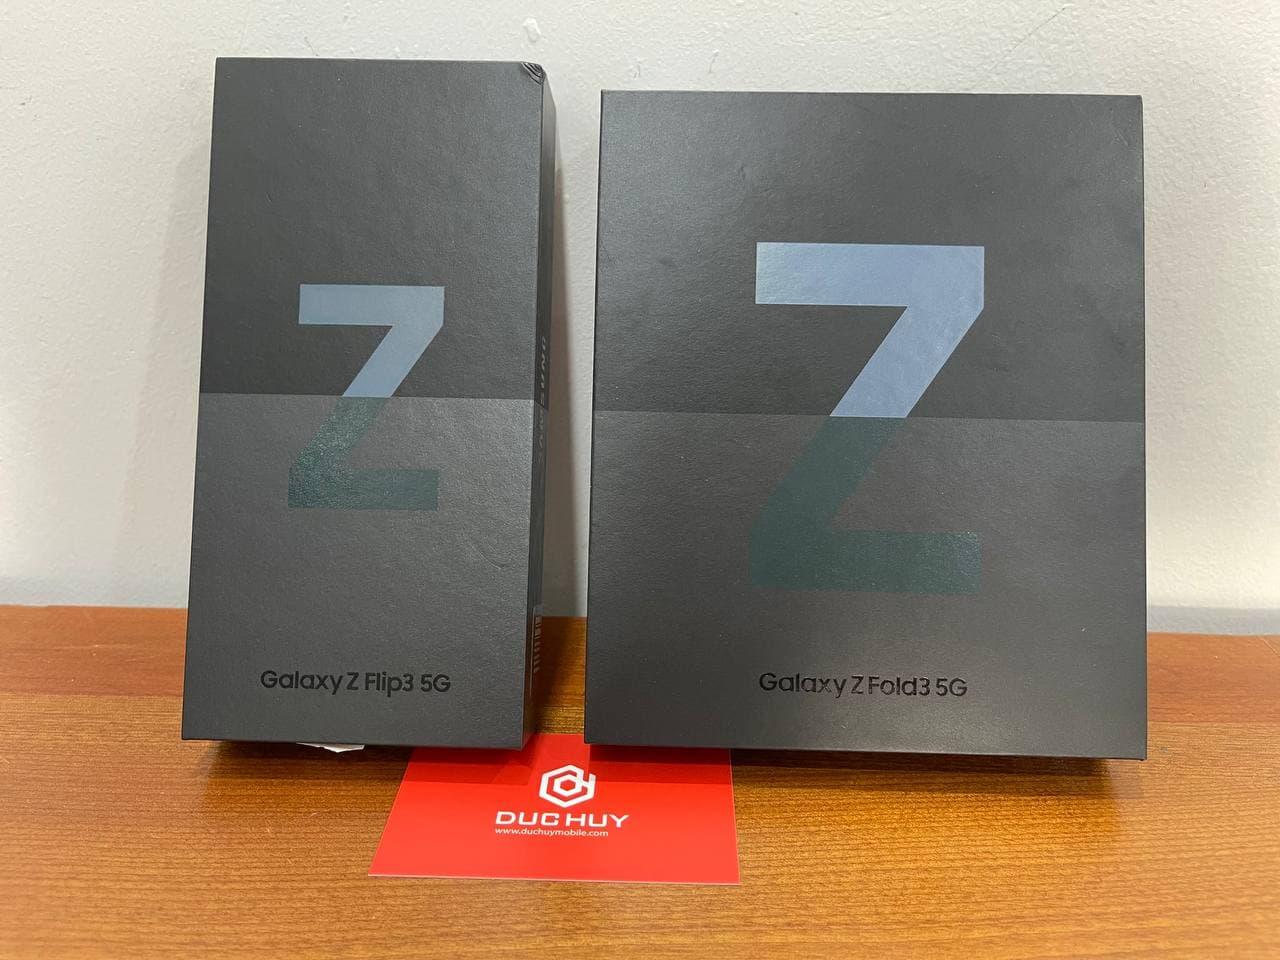 Galaxy Z Fold3 5G, Galaxy Z Flip3 5G